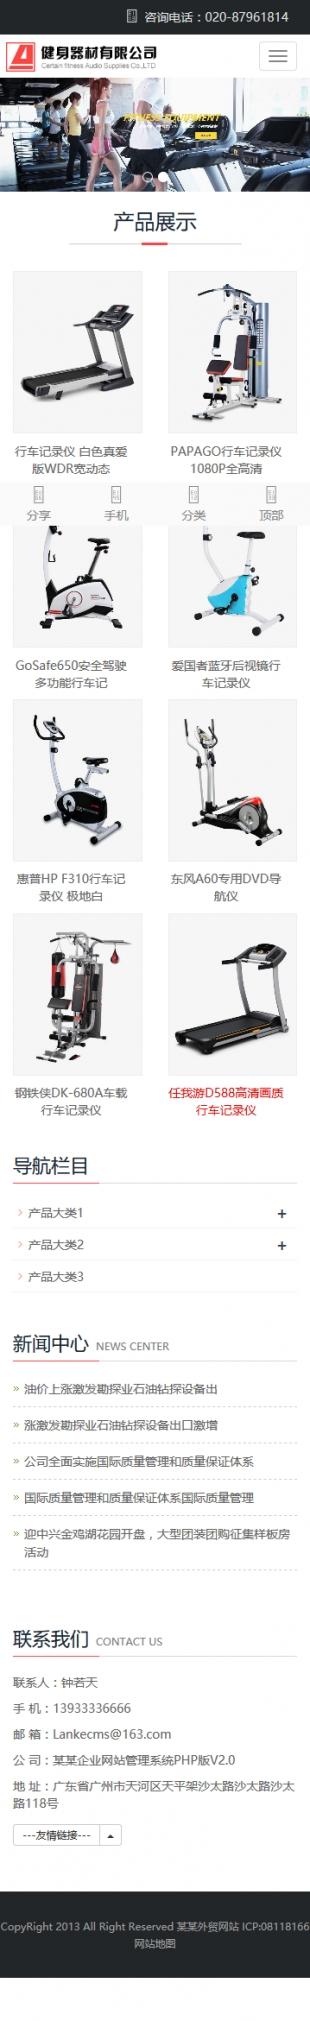 专业健身器材类网站制作模板响应式网站手机图片